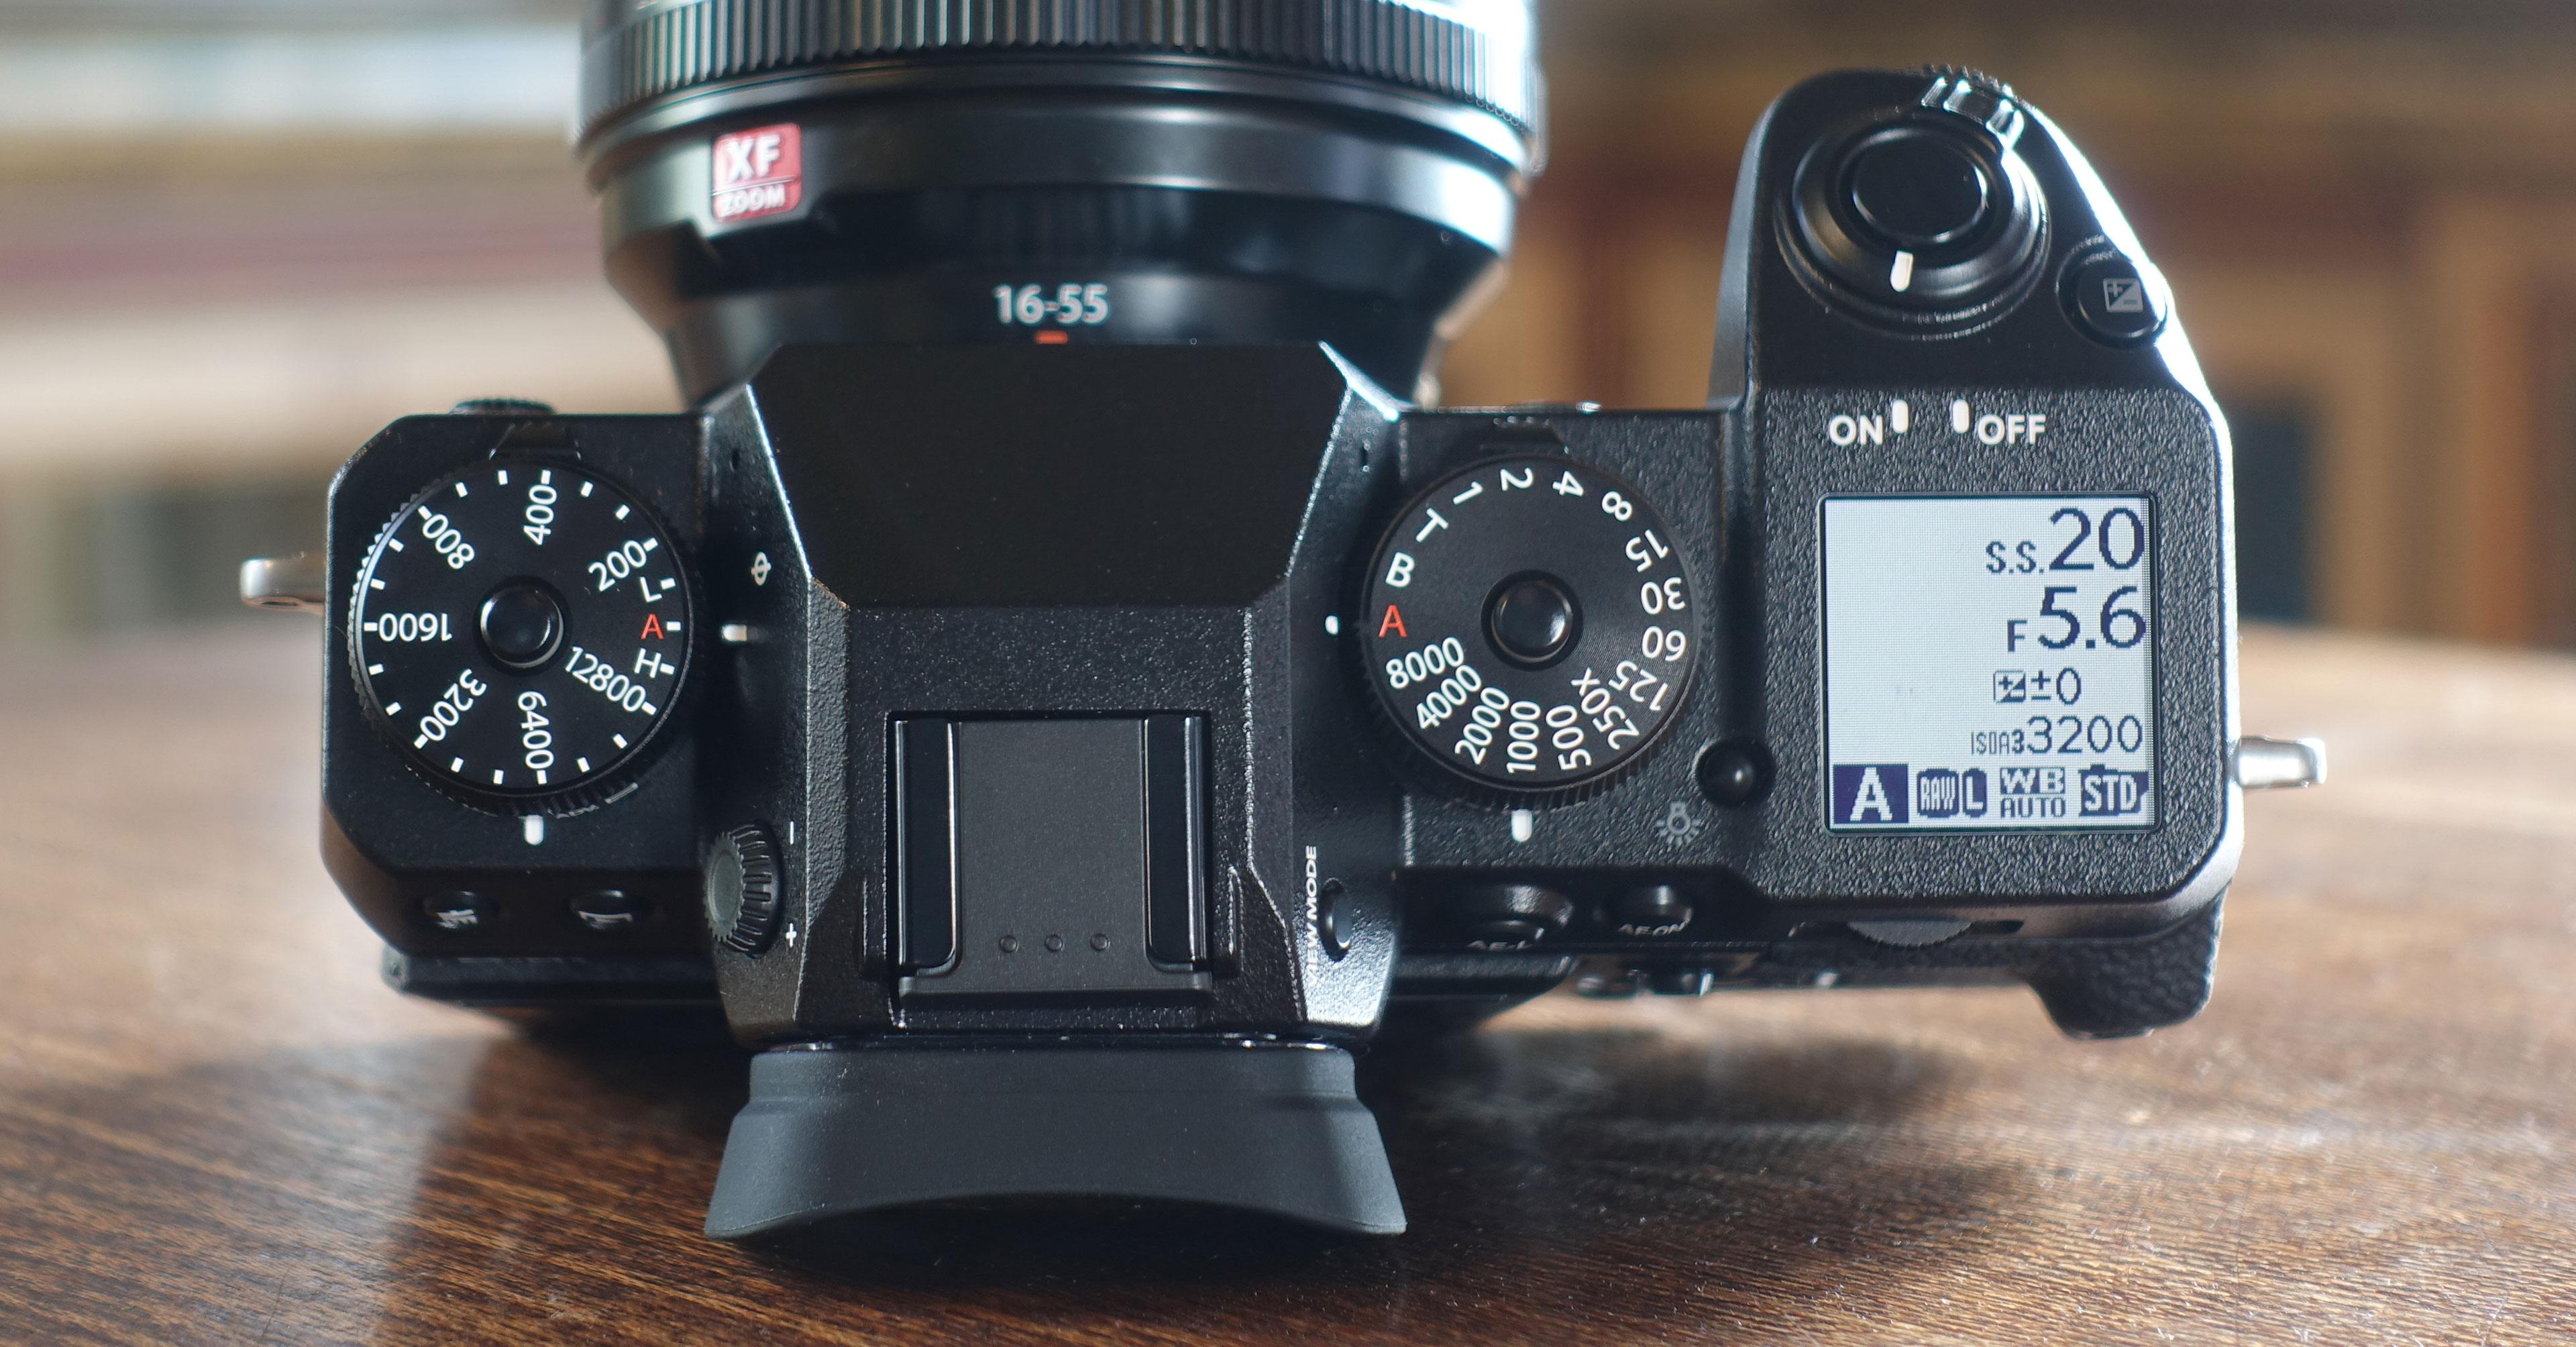 Đây là chiếc máy ảnh flagship mới nhất của hãng máy ảnh Nhật Bản, với những tính năng chuyên dụng cho quay phim 4K và được tích hợp công nghệ chống rung 5 ...